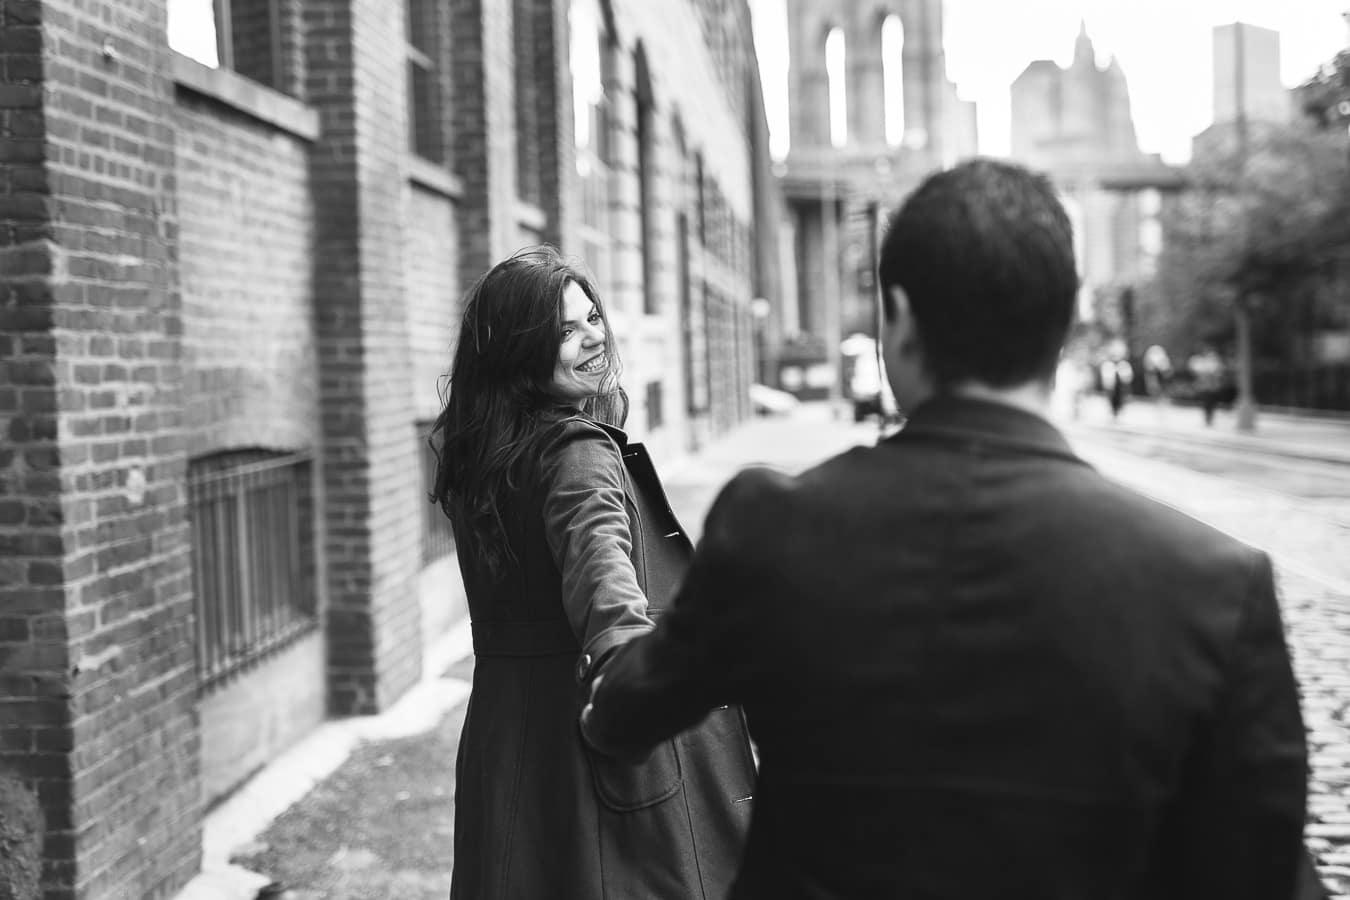 Fotografo Brasileiro em Nova York - Sessão de Casal no Brooklyn